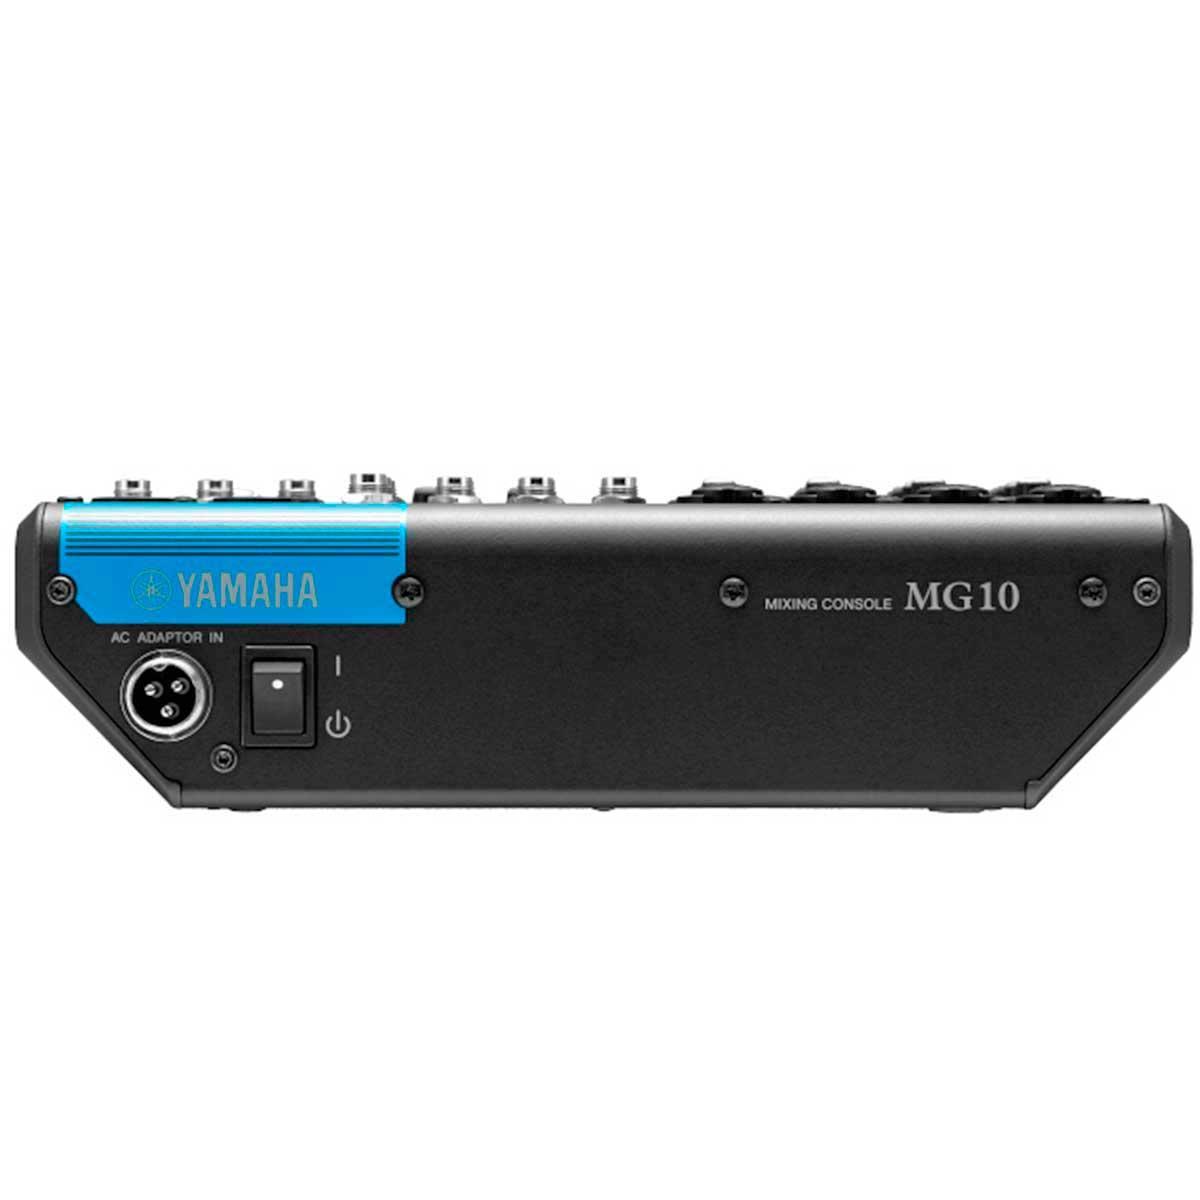 MG10 - Mesa de Som / Mixer 10 Canais MG 10 - Yamaha